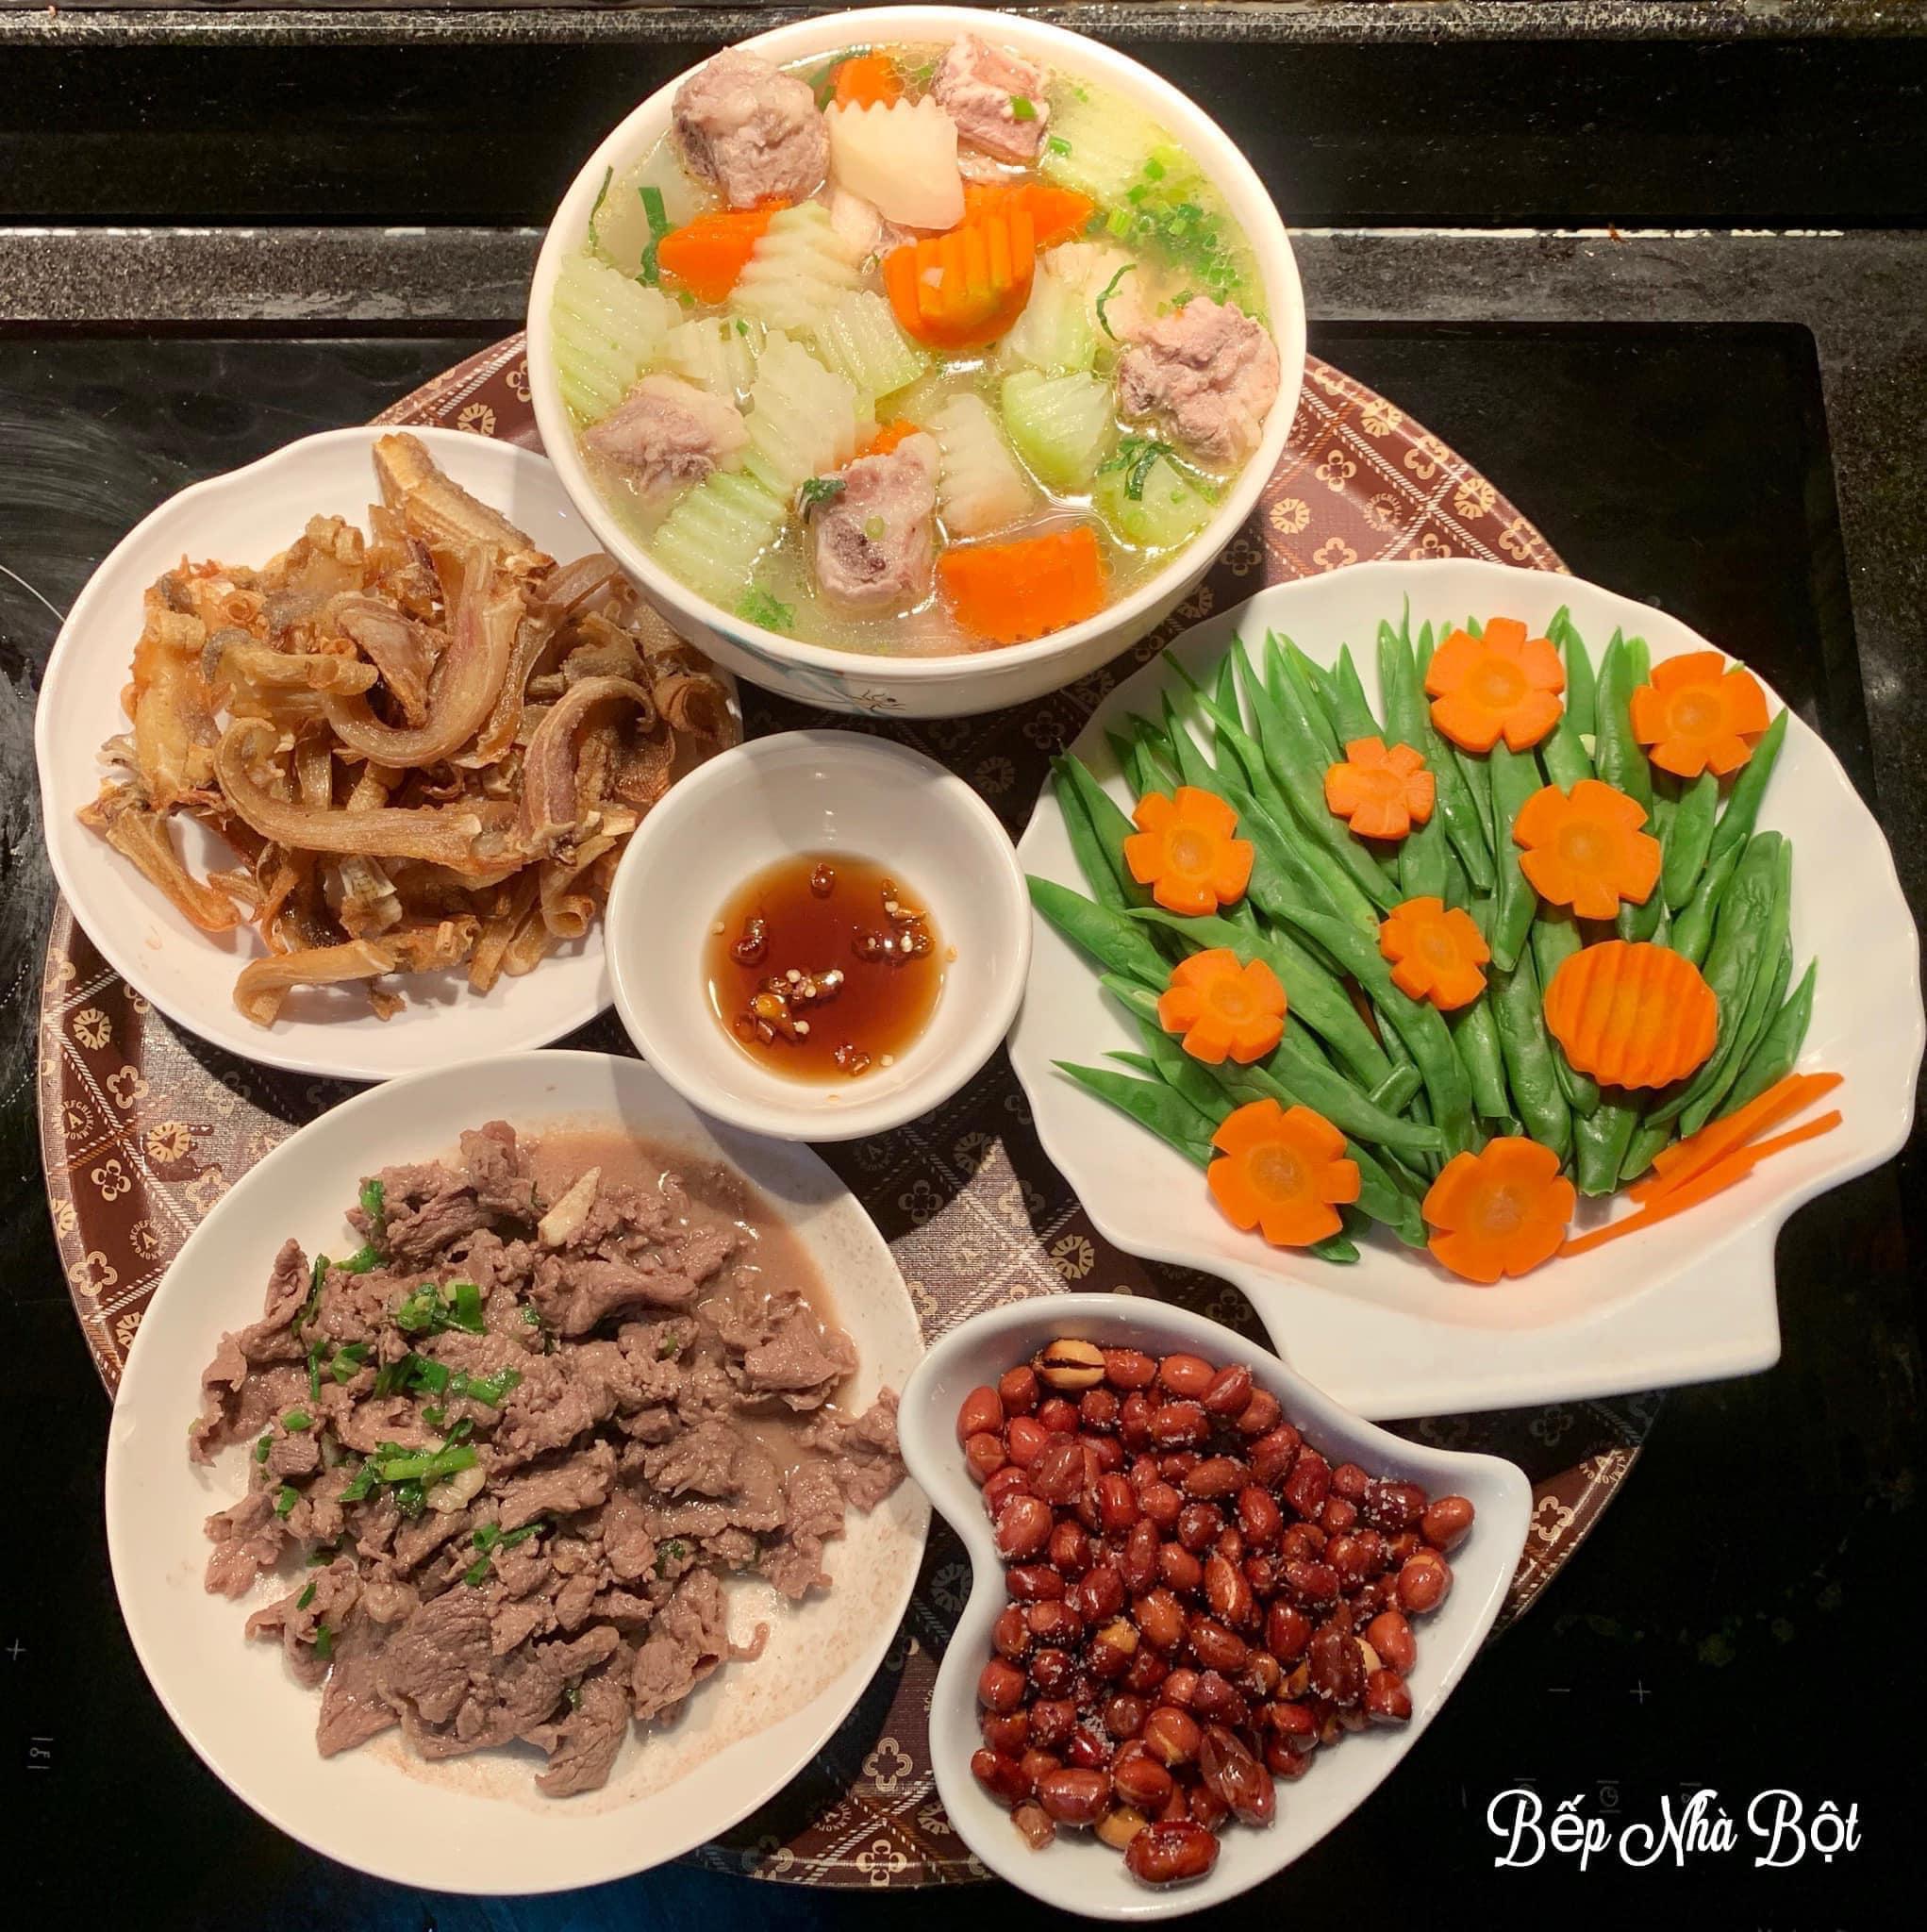 """Mâm cơm chỉ từ 120k của mẹ đơn thân Hà Nội khi coi """"Nấu ăn vì đam mê không phải là trách nhiệm"""" khiến ai nhìn cũng phải xuýt xoa - Ảnh 7."""